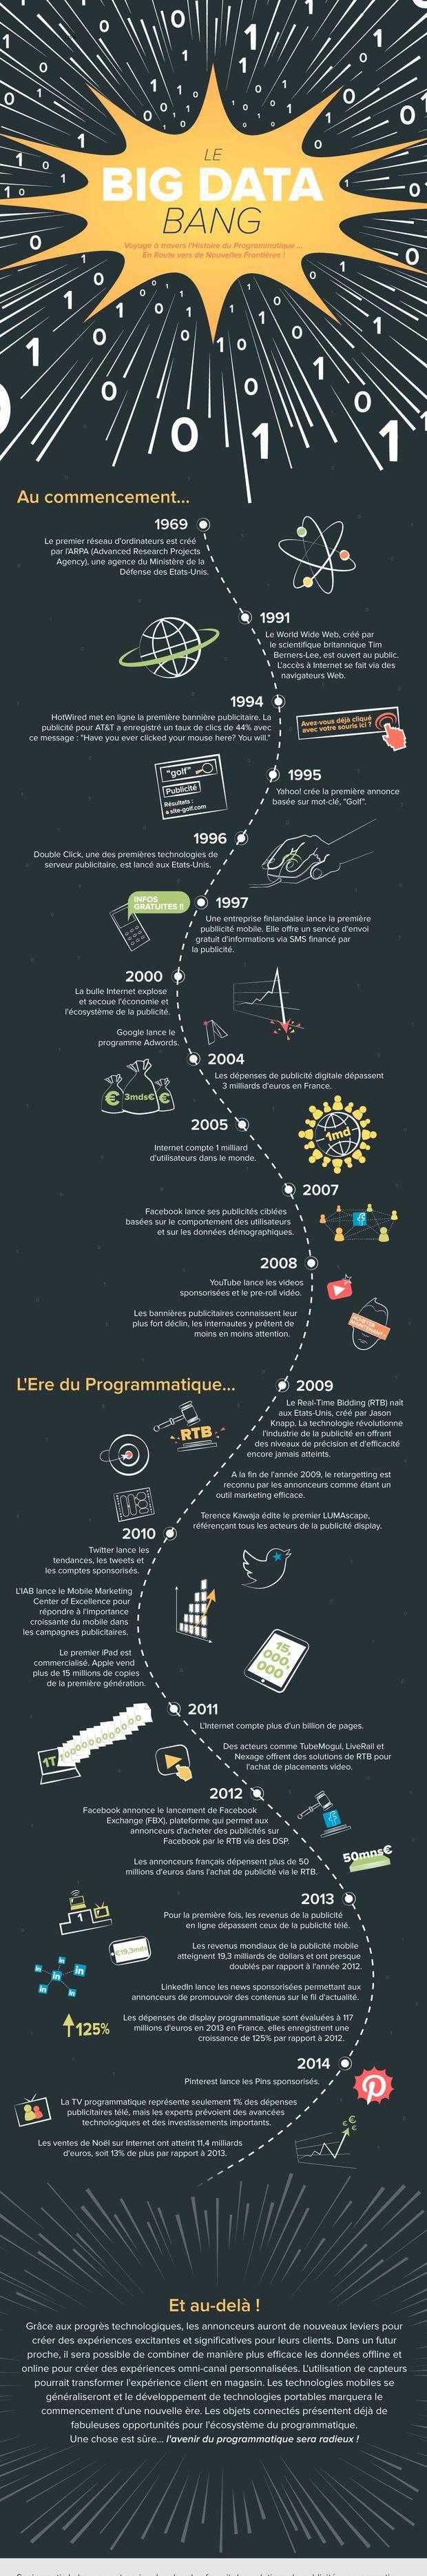 Voyage à travers l'histoire du programmatique, indissociable des origines du web et de l'émergence de la data. Infographie.